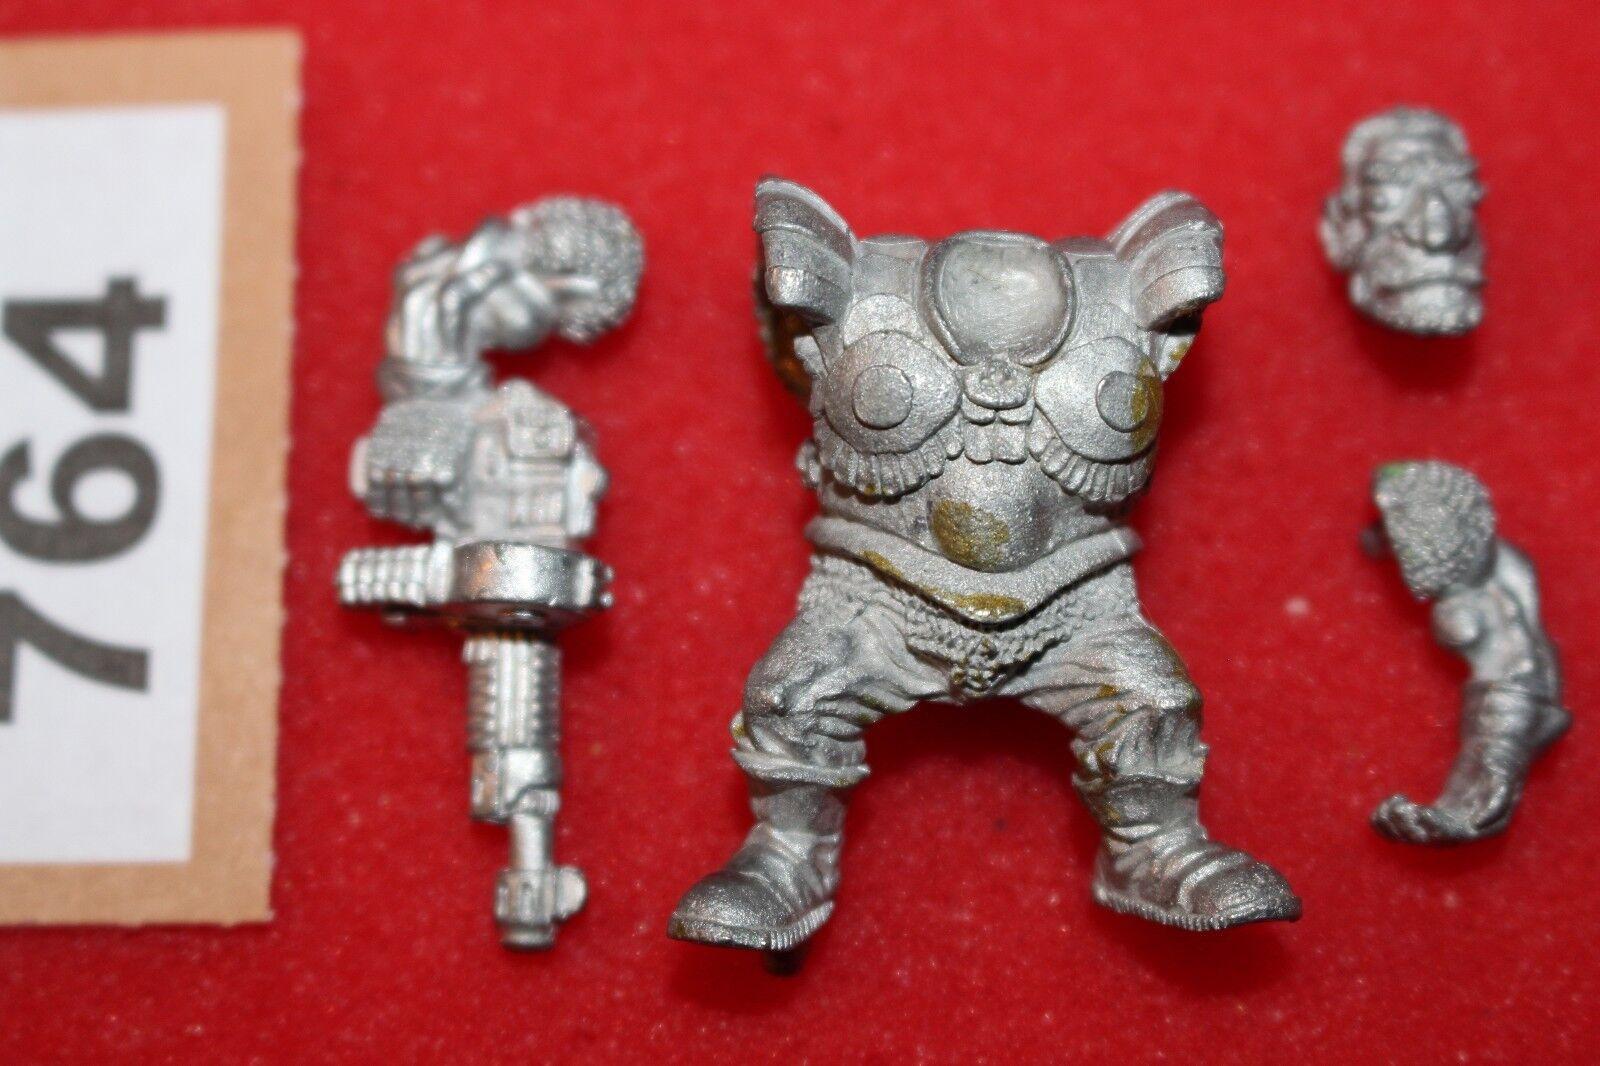 Games Workshop WARHAMMER 40k Rogue Trader Ogryn Bob Olley metallo fuori catalogo 90 S ogryns B